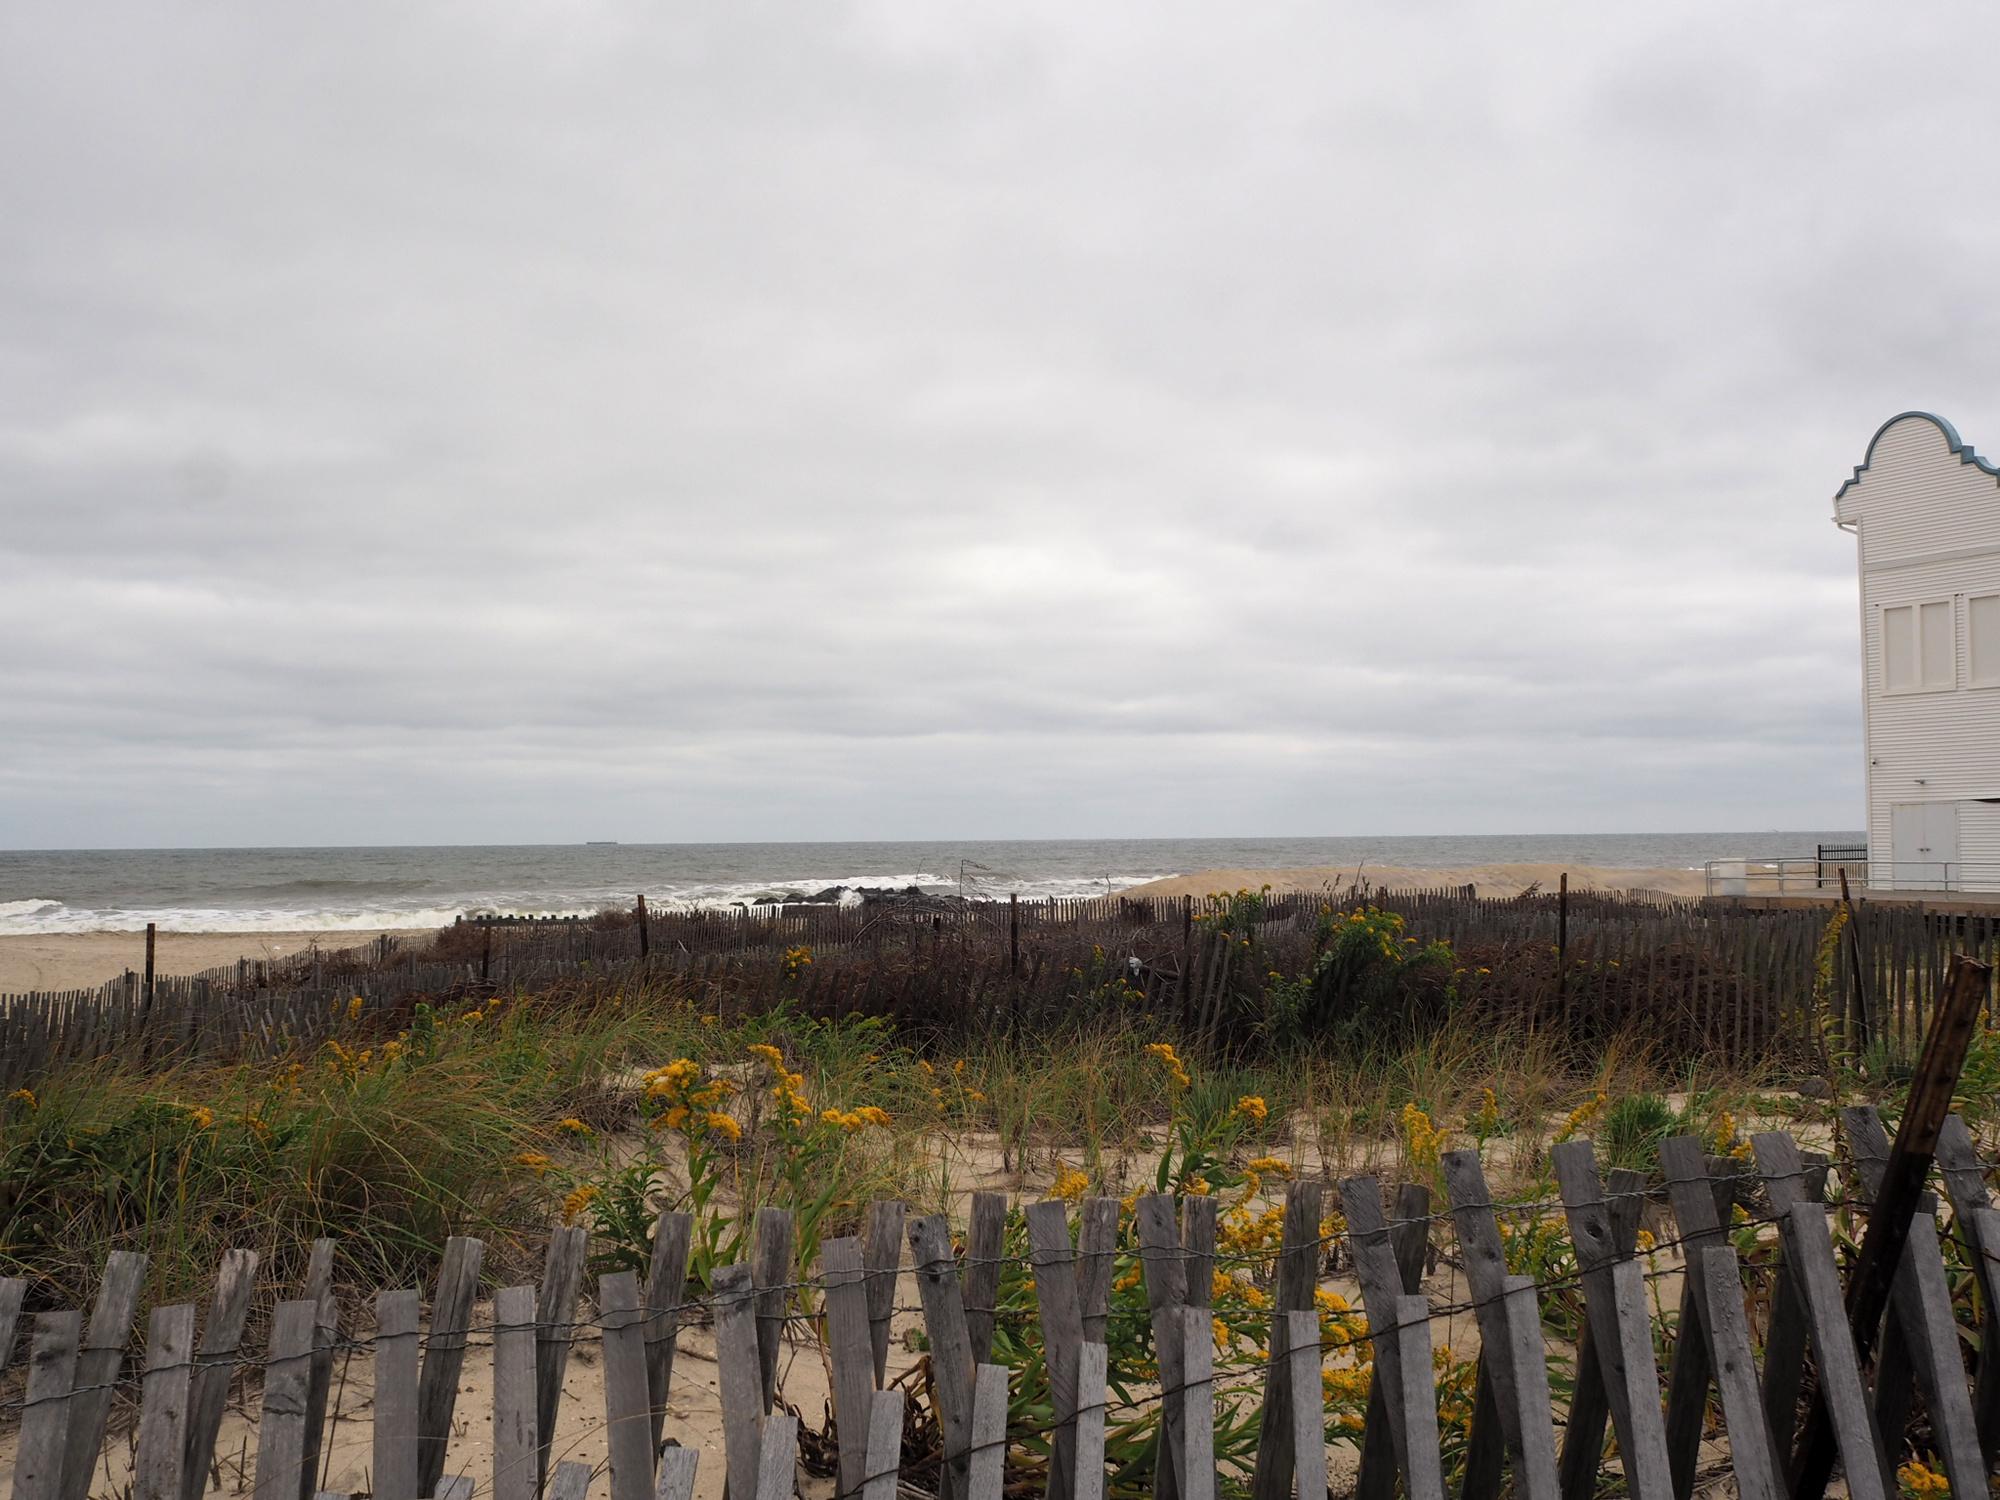 Golden Rod on the Beach, Asbury Park, NJ